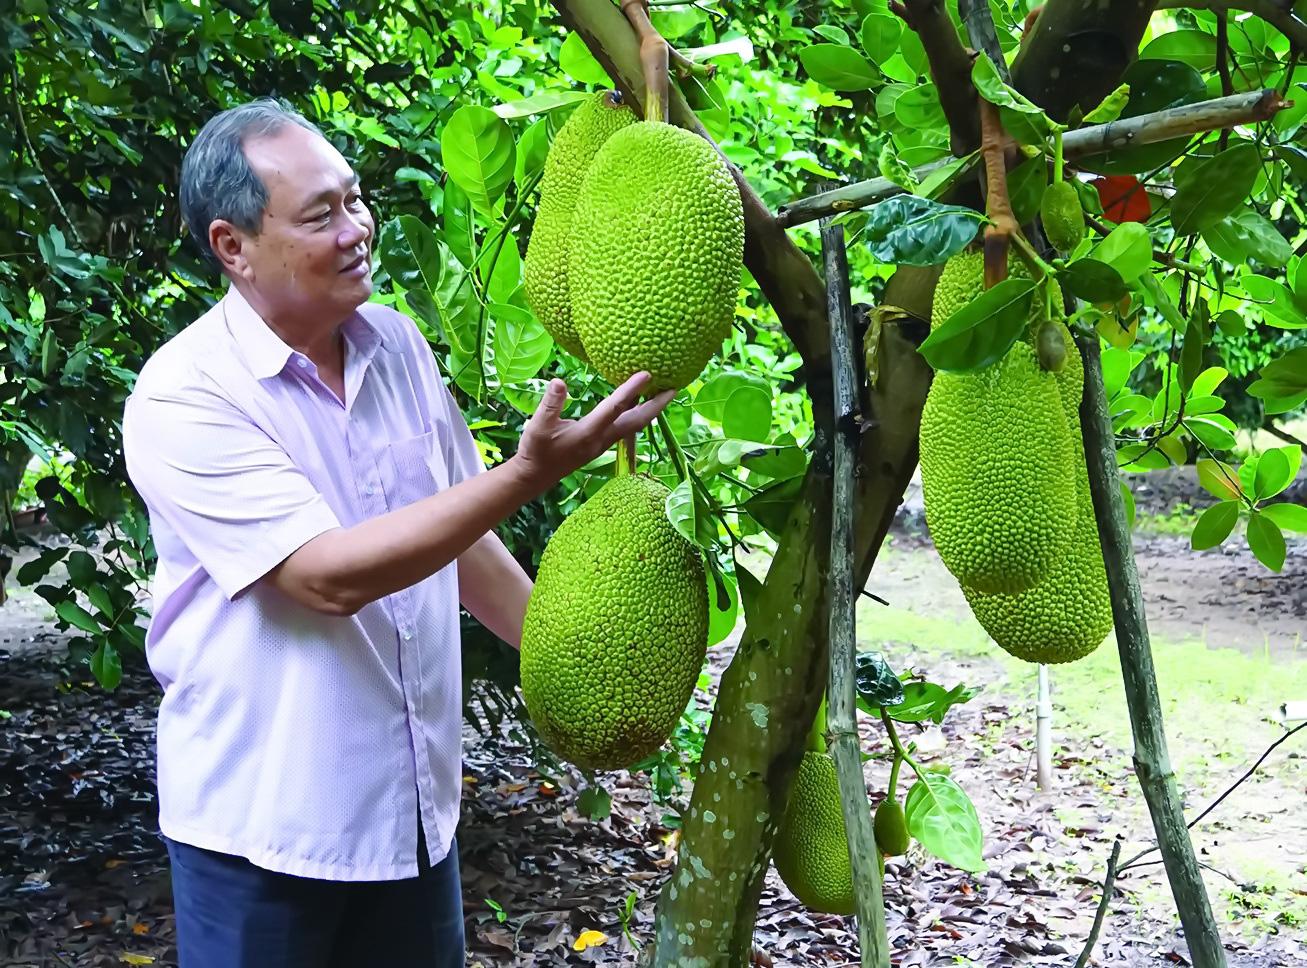 Tây Ninh: Nghe các nông dân phú tiết lộ bí quyết trồng mít Thái ra trái quanh năm, thu tiền tỷ - Ảnh 1.